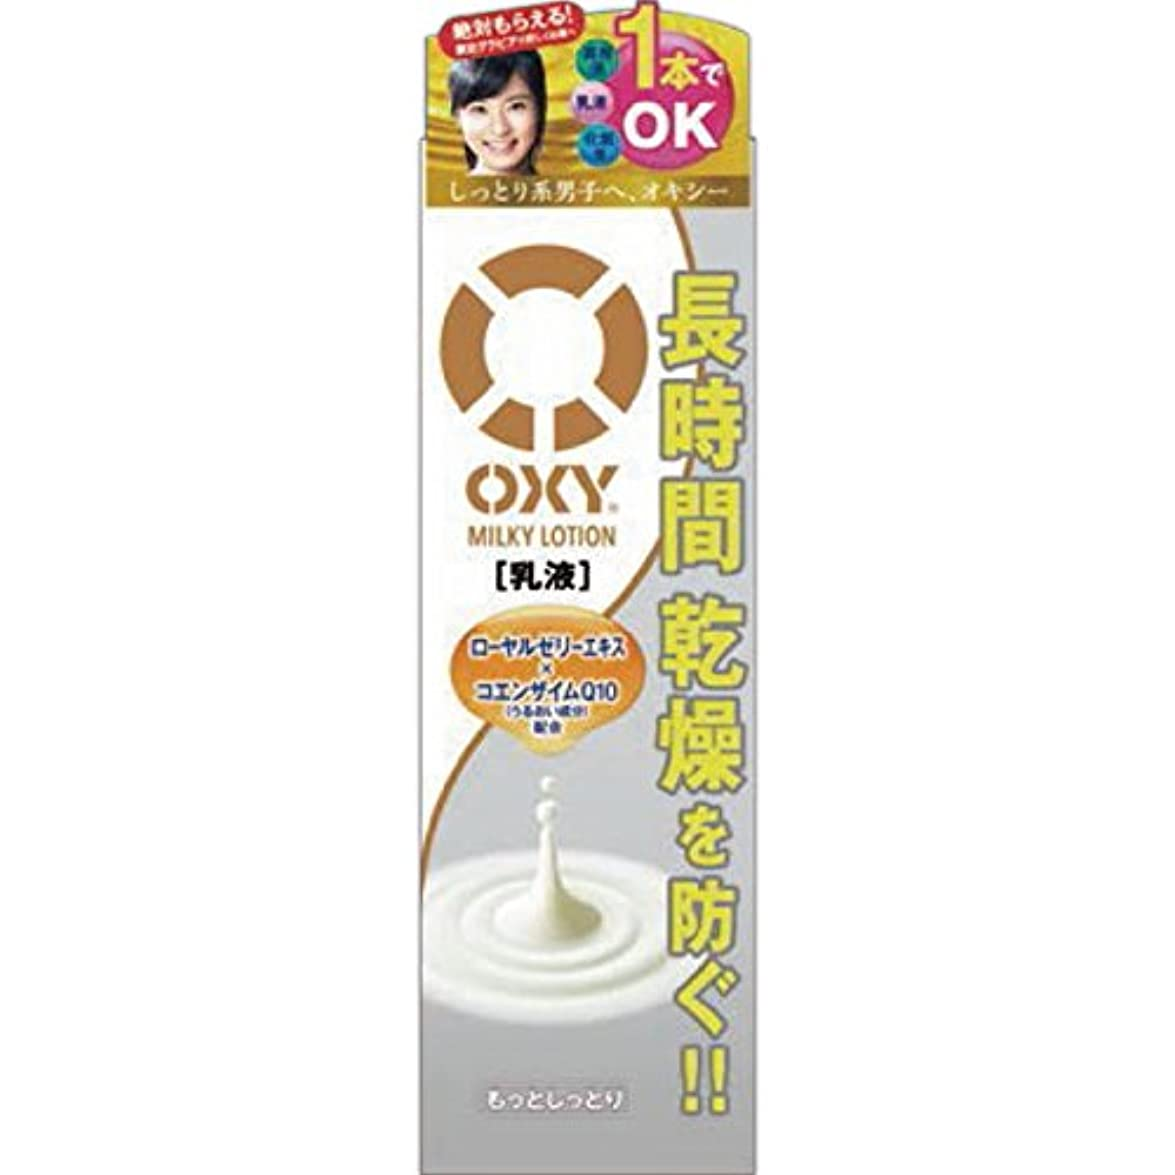 オキシー (Oxy) ミルキーローション オールインワン乳液 スーパーヒアルロン酸×ローヤルゼリー配合 ゼラニウムの香 170mL